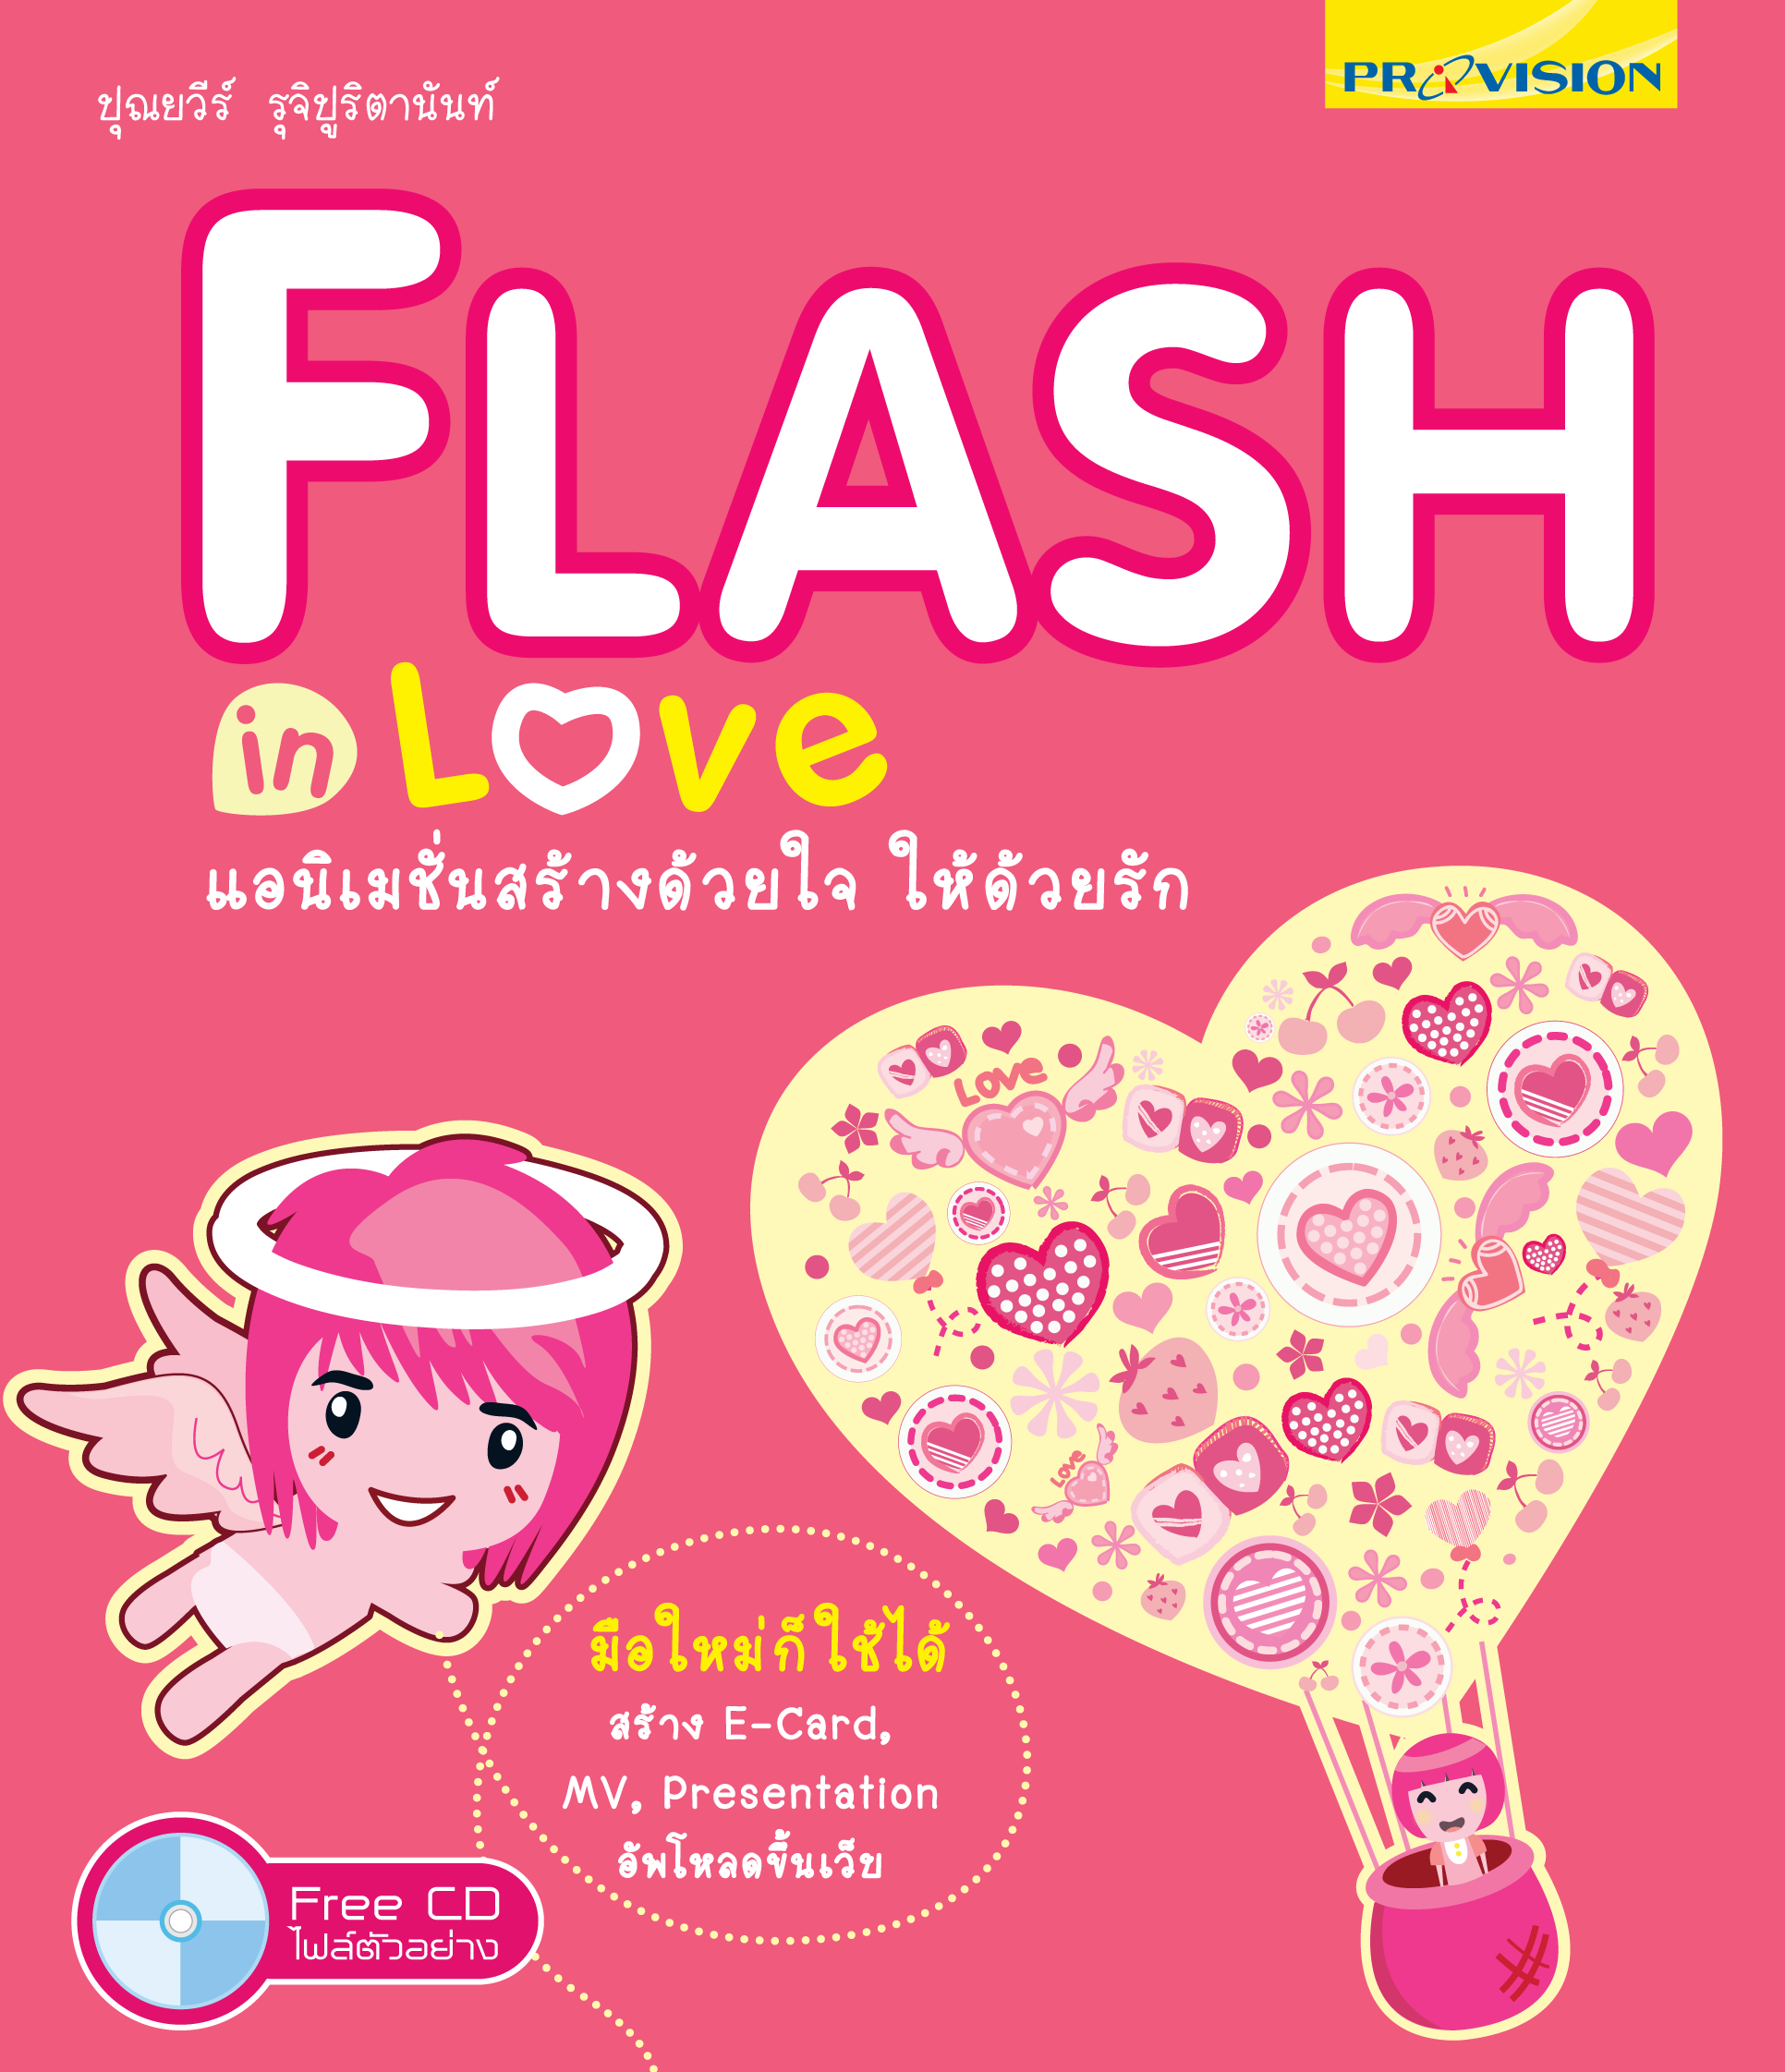 Flash in Love แอนิเมชั่นสร้างด้วยใจ ให้ด้วยรัก